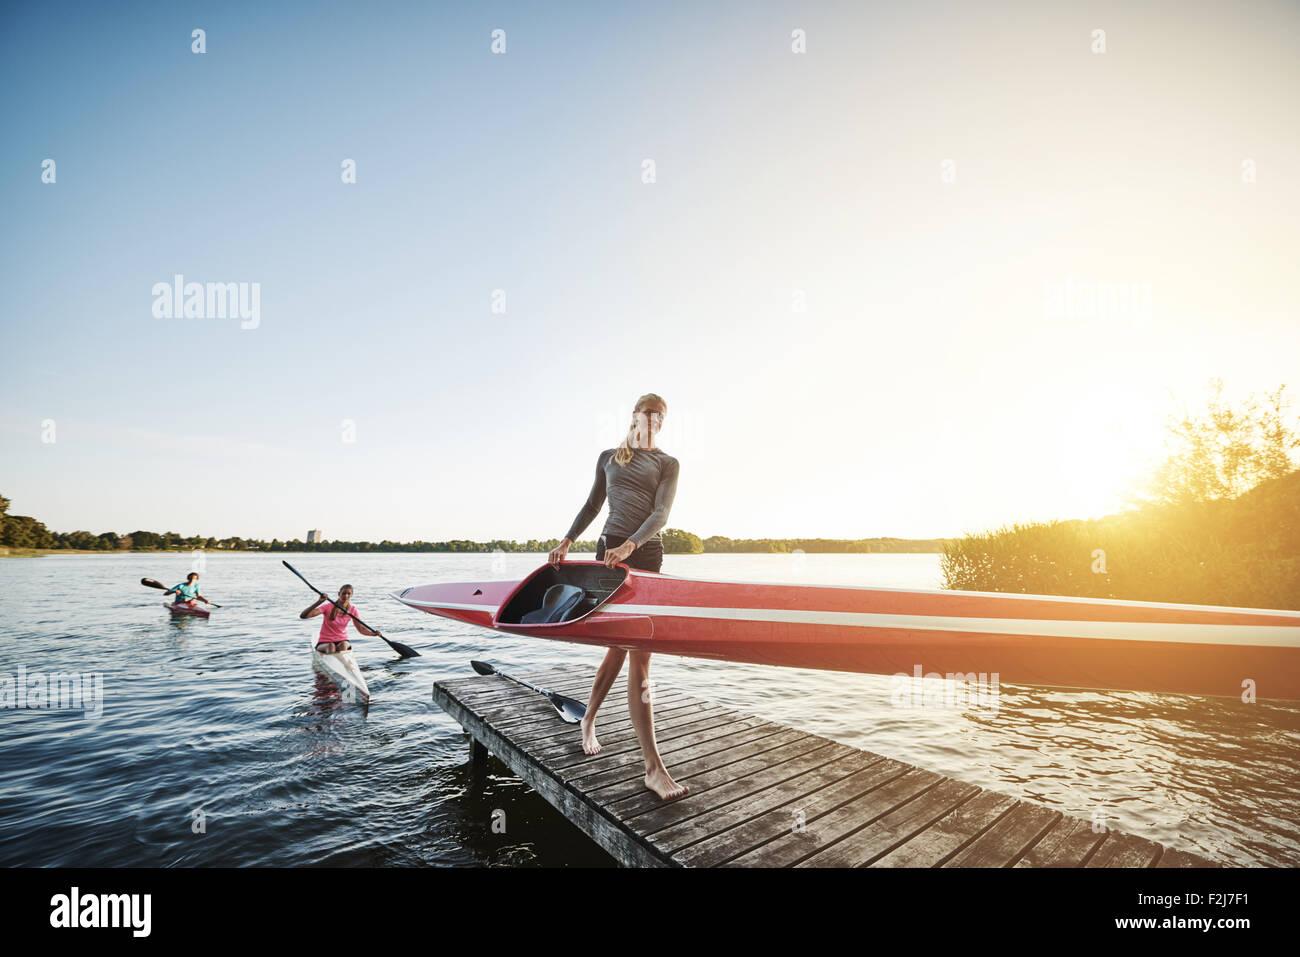 Après la formation de l'équipe d'aviron de sortir de l'eau Banque D'Images